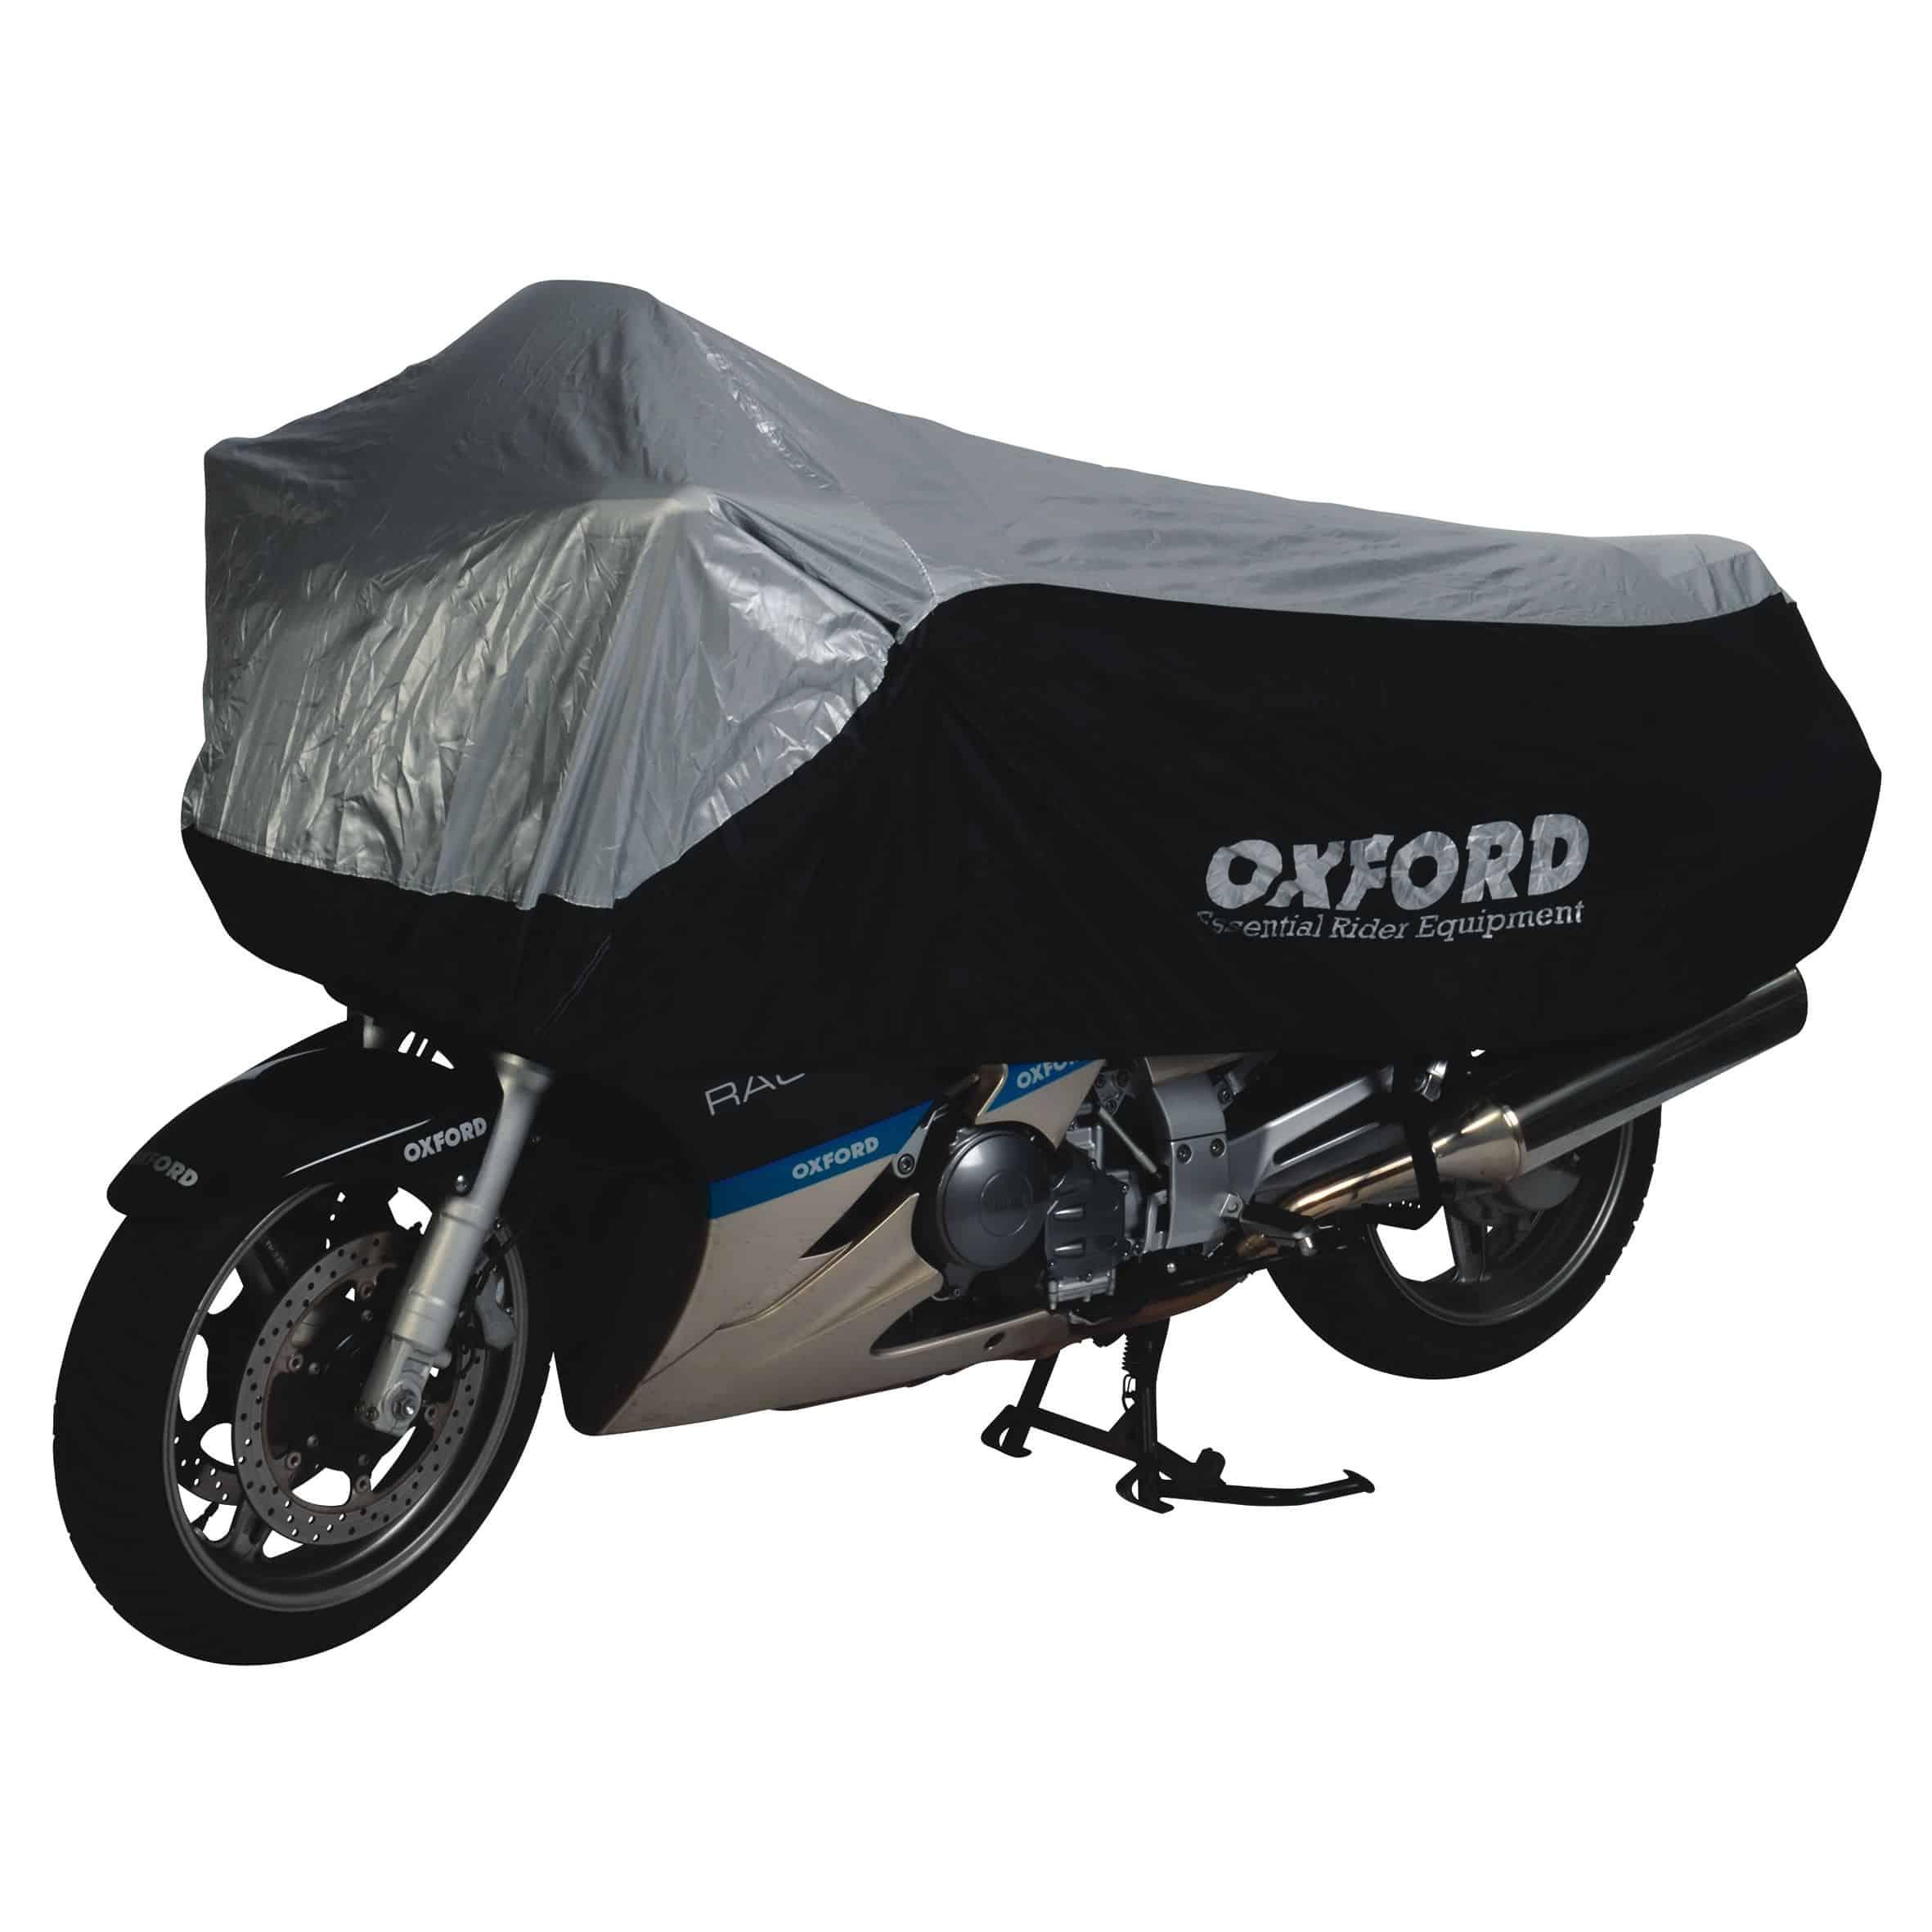 Oxford Umbratex Waterproof Motorcycle Cover